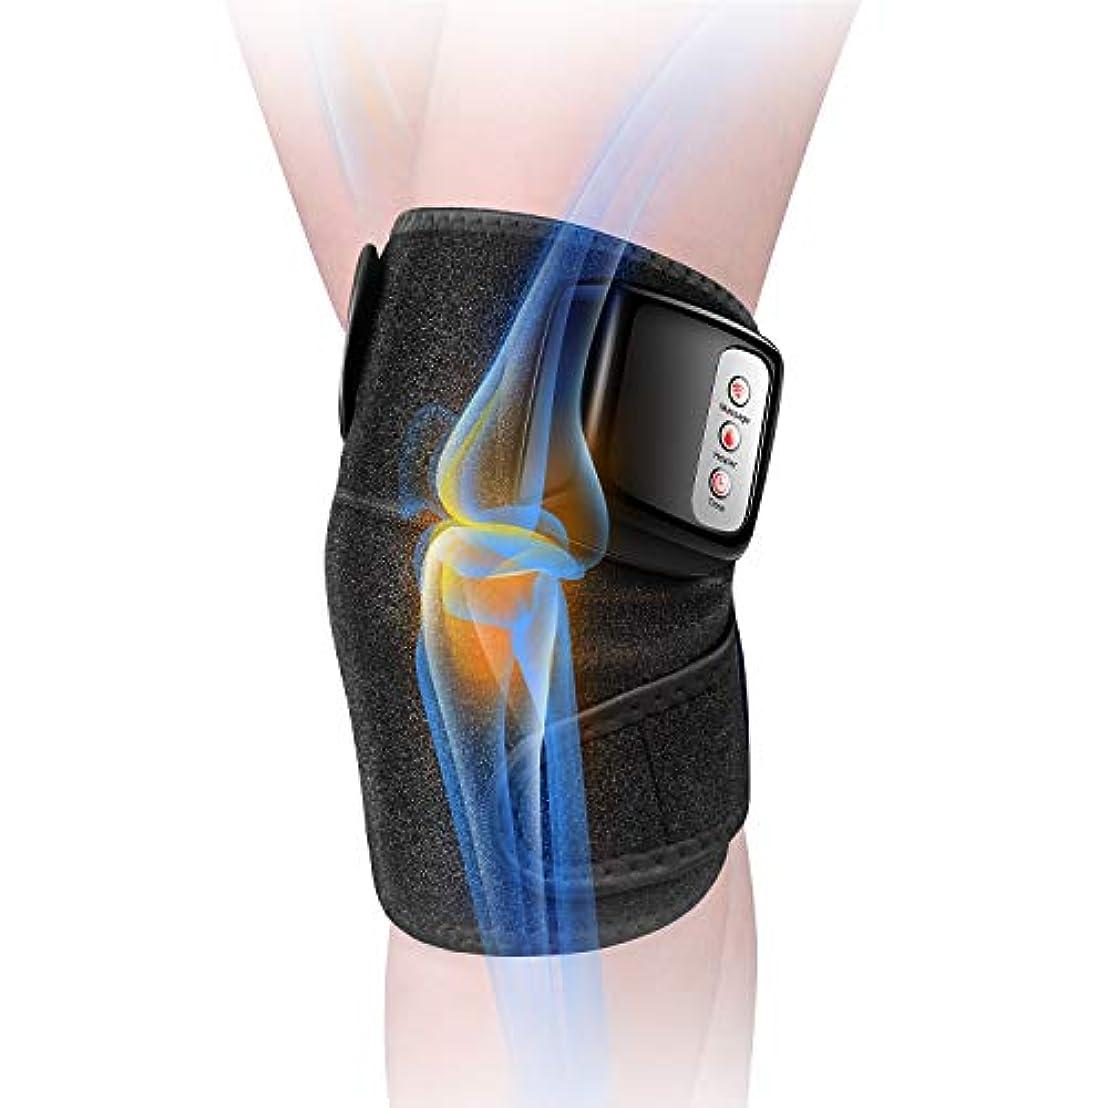 交渉するシャークボリューム膝マッサージャー 関節マッサージャー マッサージ器 フットマッサージャー 振動 赤外線療法 温熱療法 膝サポーター ストレス解消 肩 太もも/腕対応